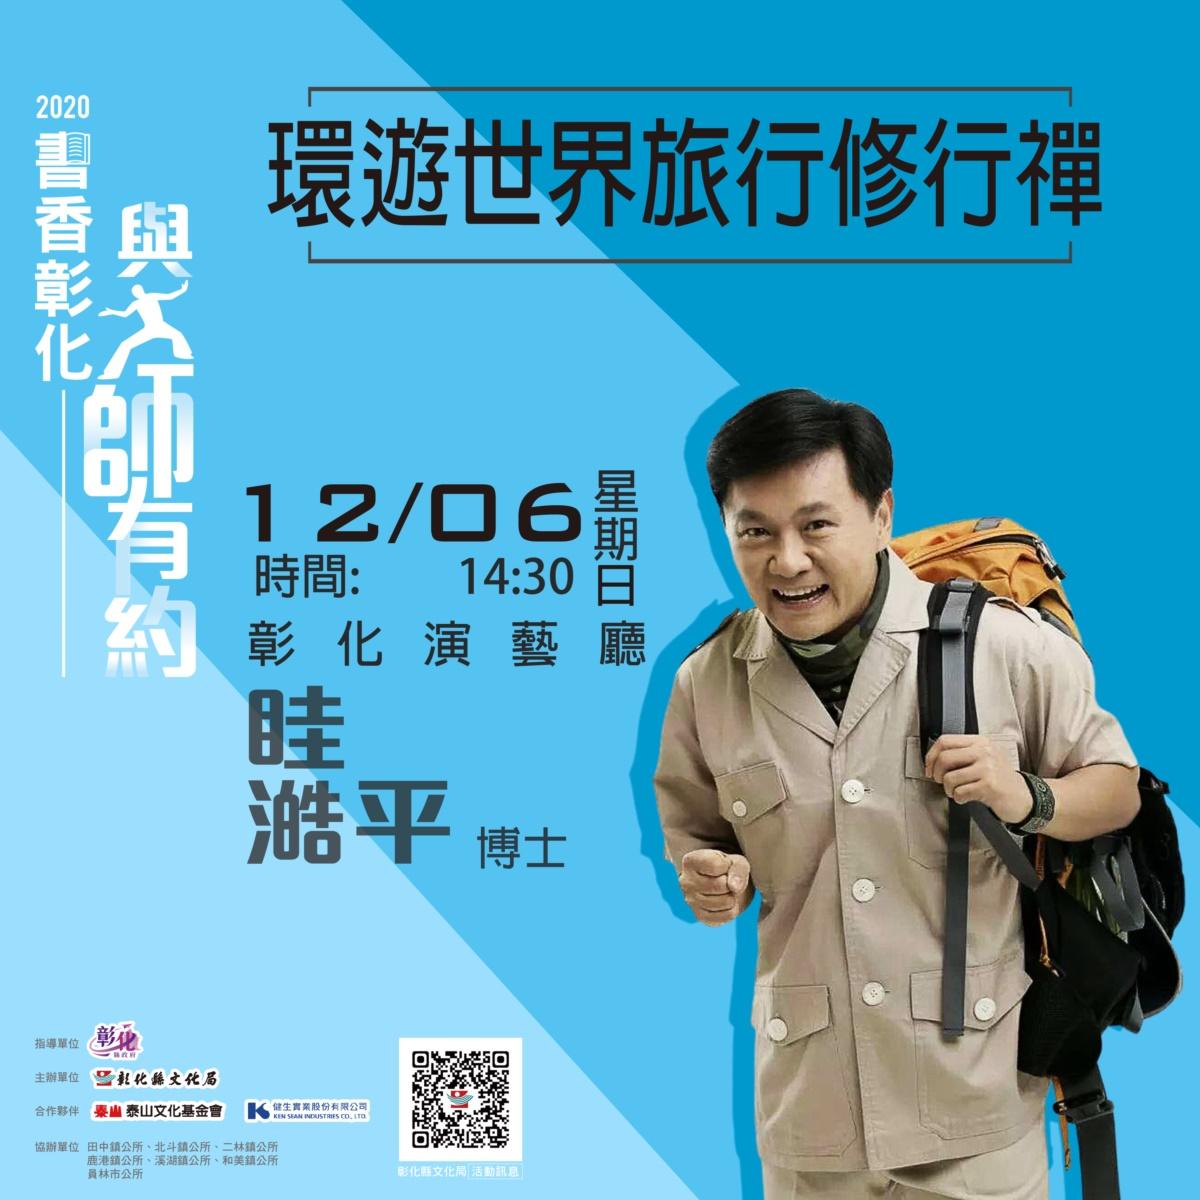 【2020書香彰化-與大師有約】眭澔平9月19日講座延至12月6日舉辦